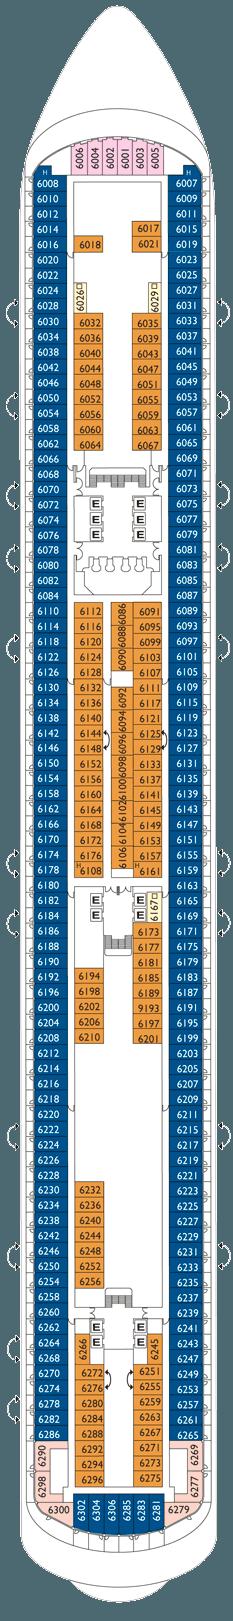 Costa diadema deckplan kabinen plan for Deckplan costa diadema